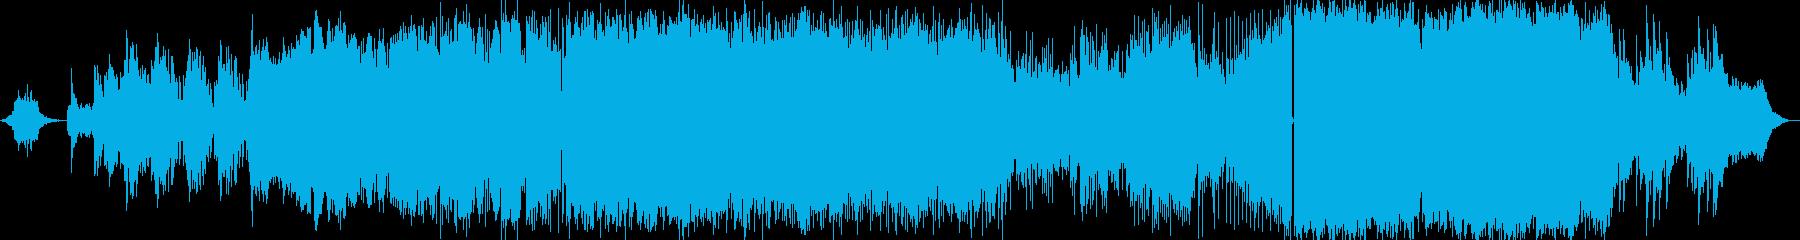 ネイチャーシリーズの楽曲の1つです。自…の再生済みの波形